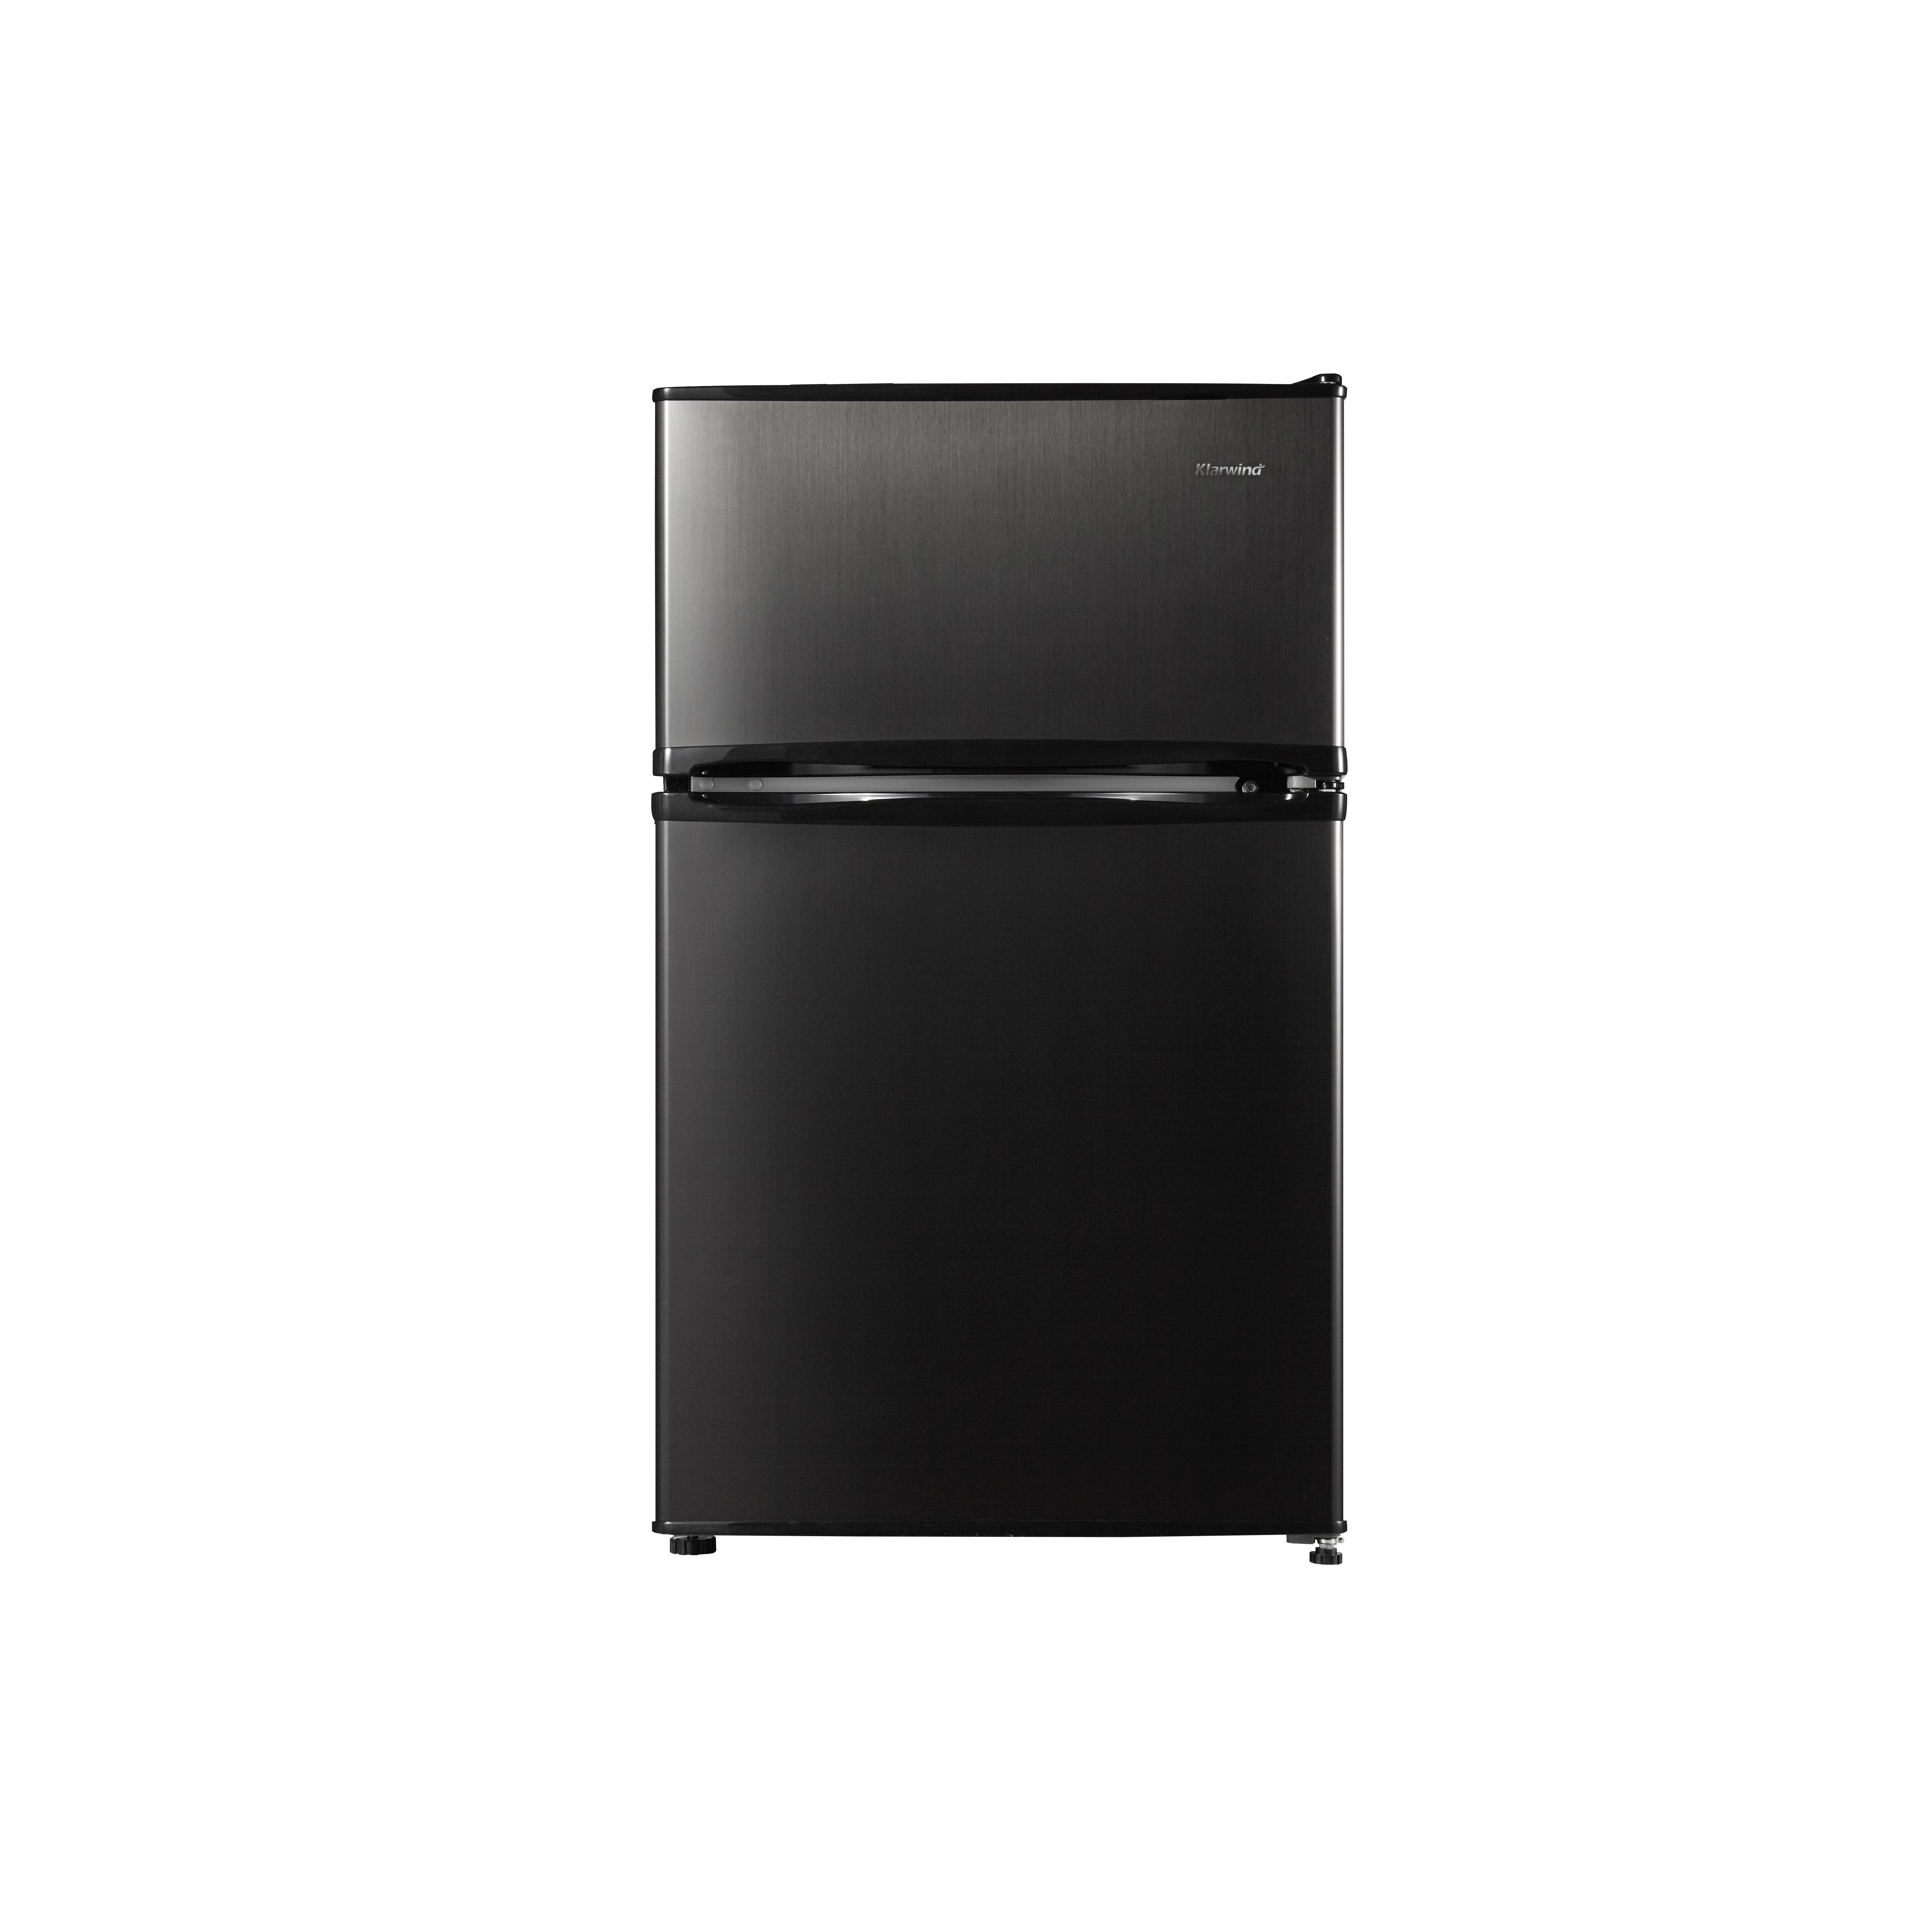 캐리어 클라윈드 1등급 슬림형 냉장고 블랙메탈 90L 방문설치, CRF-TD090BDA